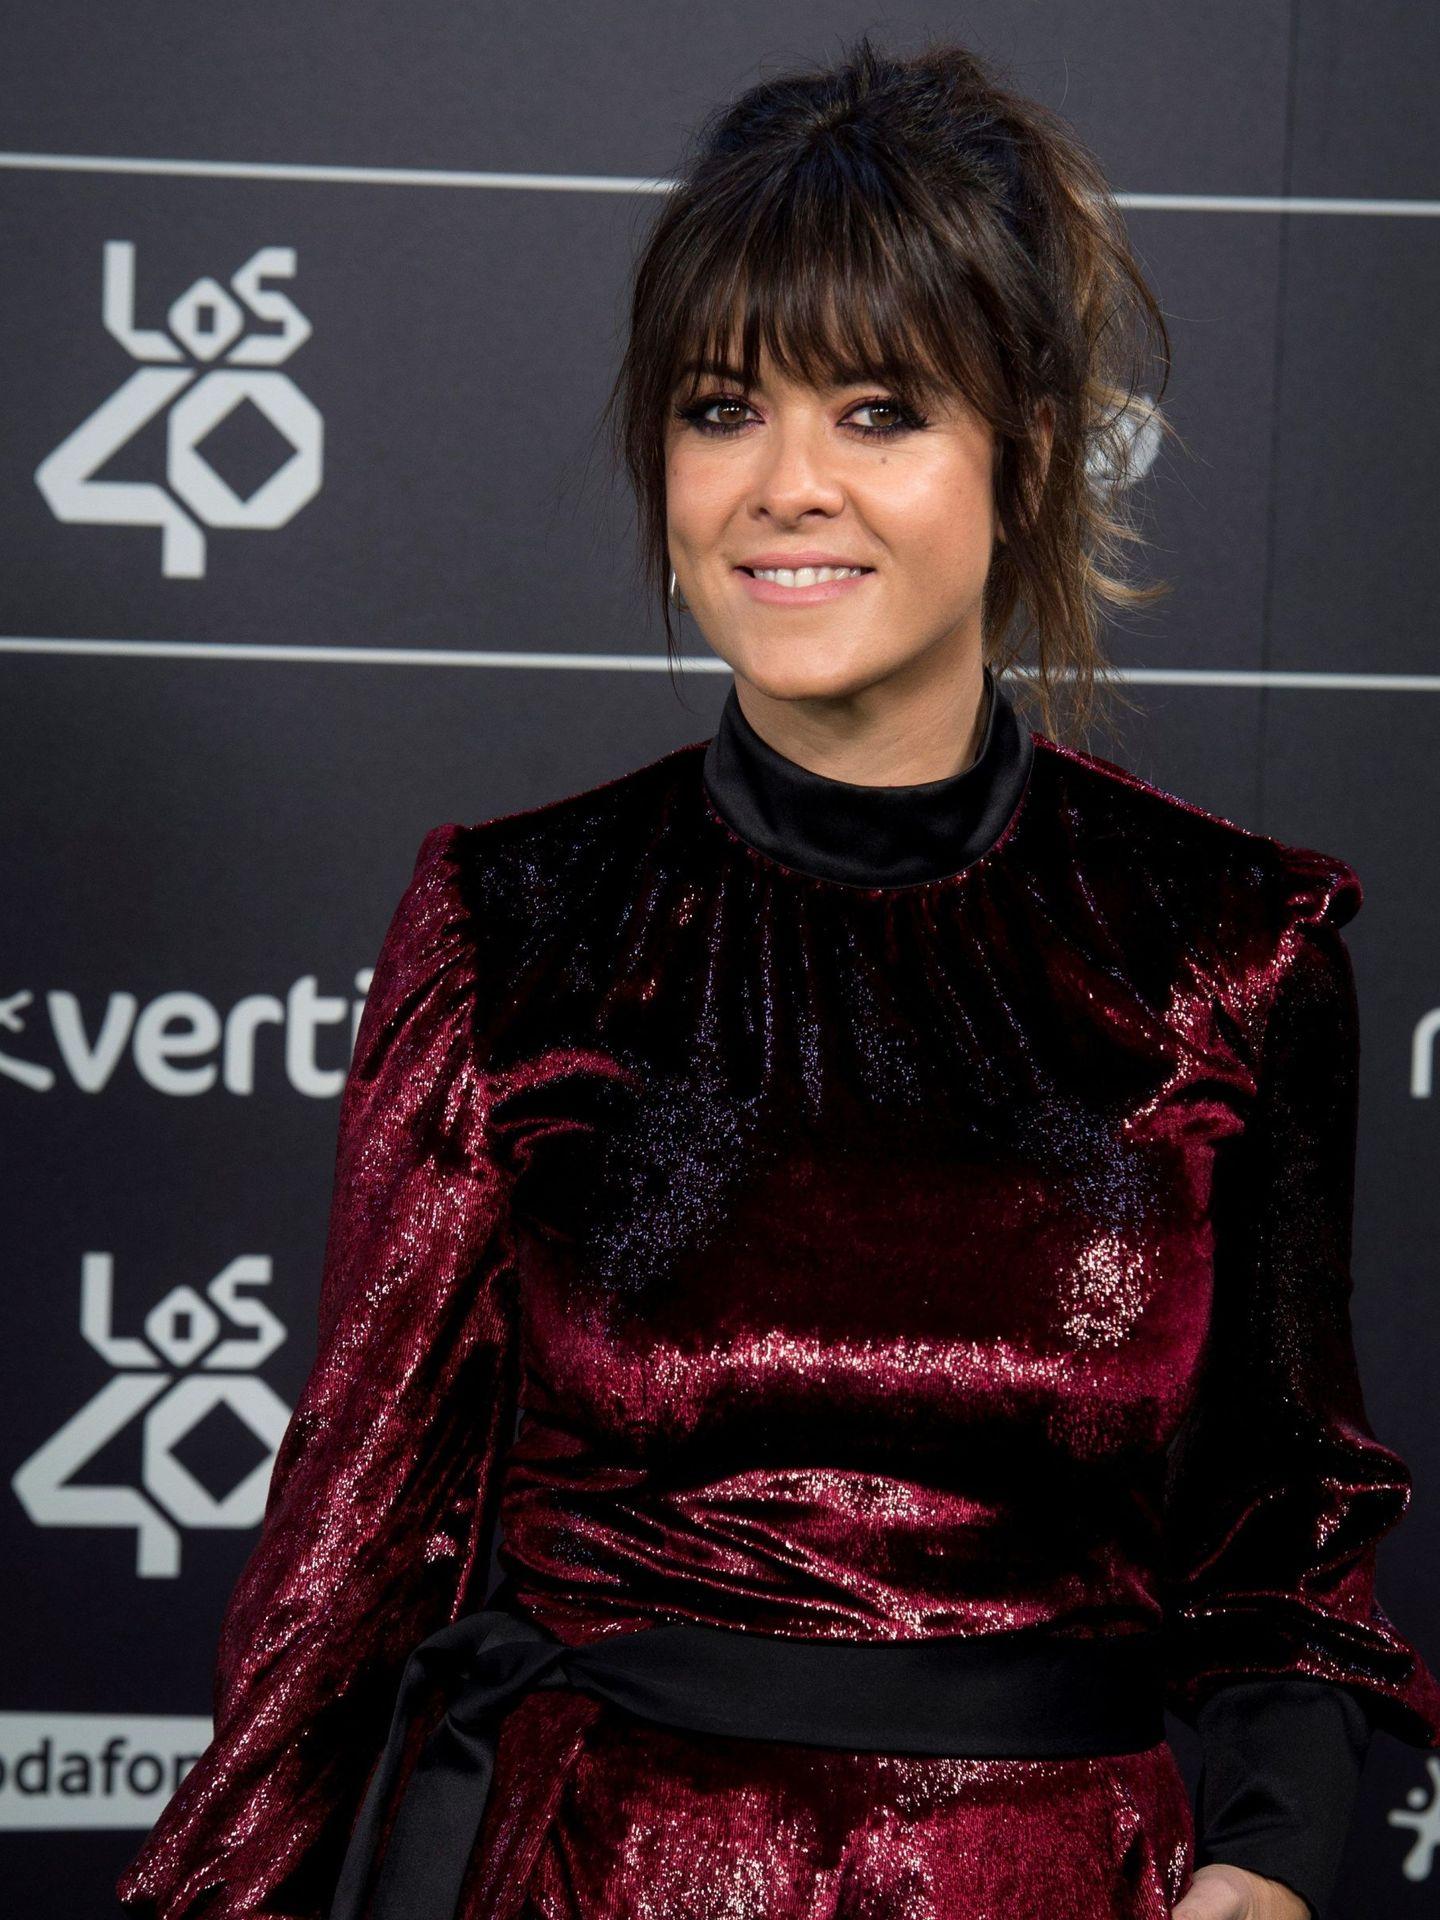 La cantante, a su llegada a los 40 Music Awards. (EFE)